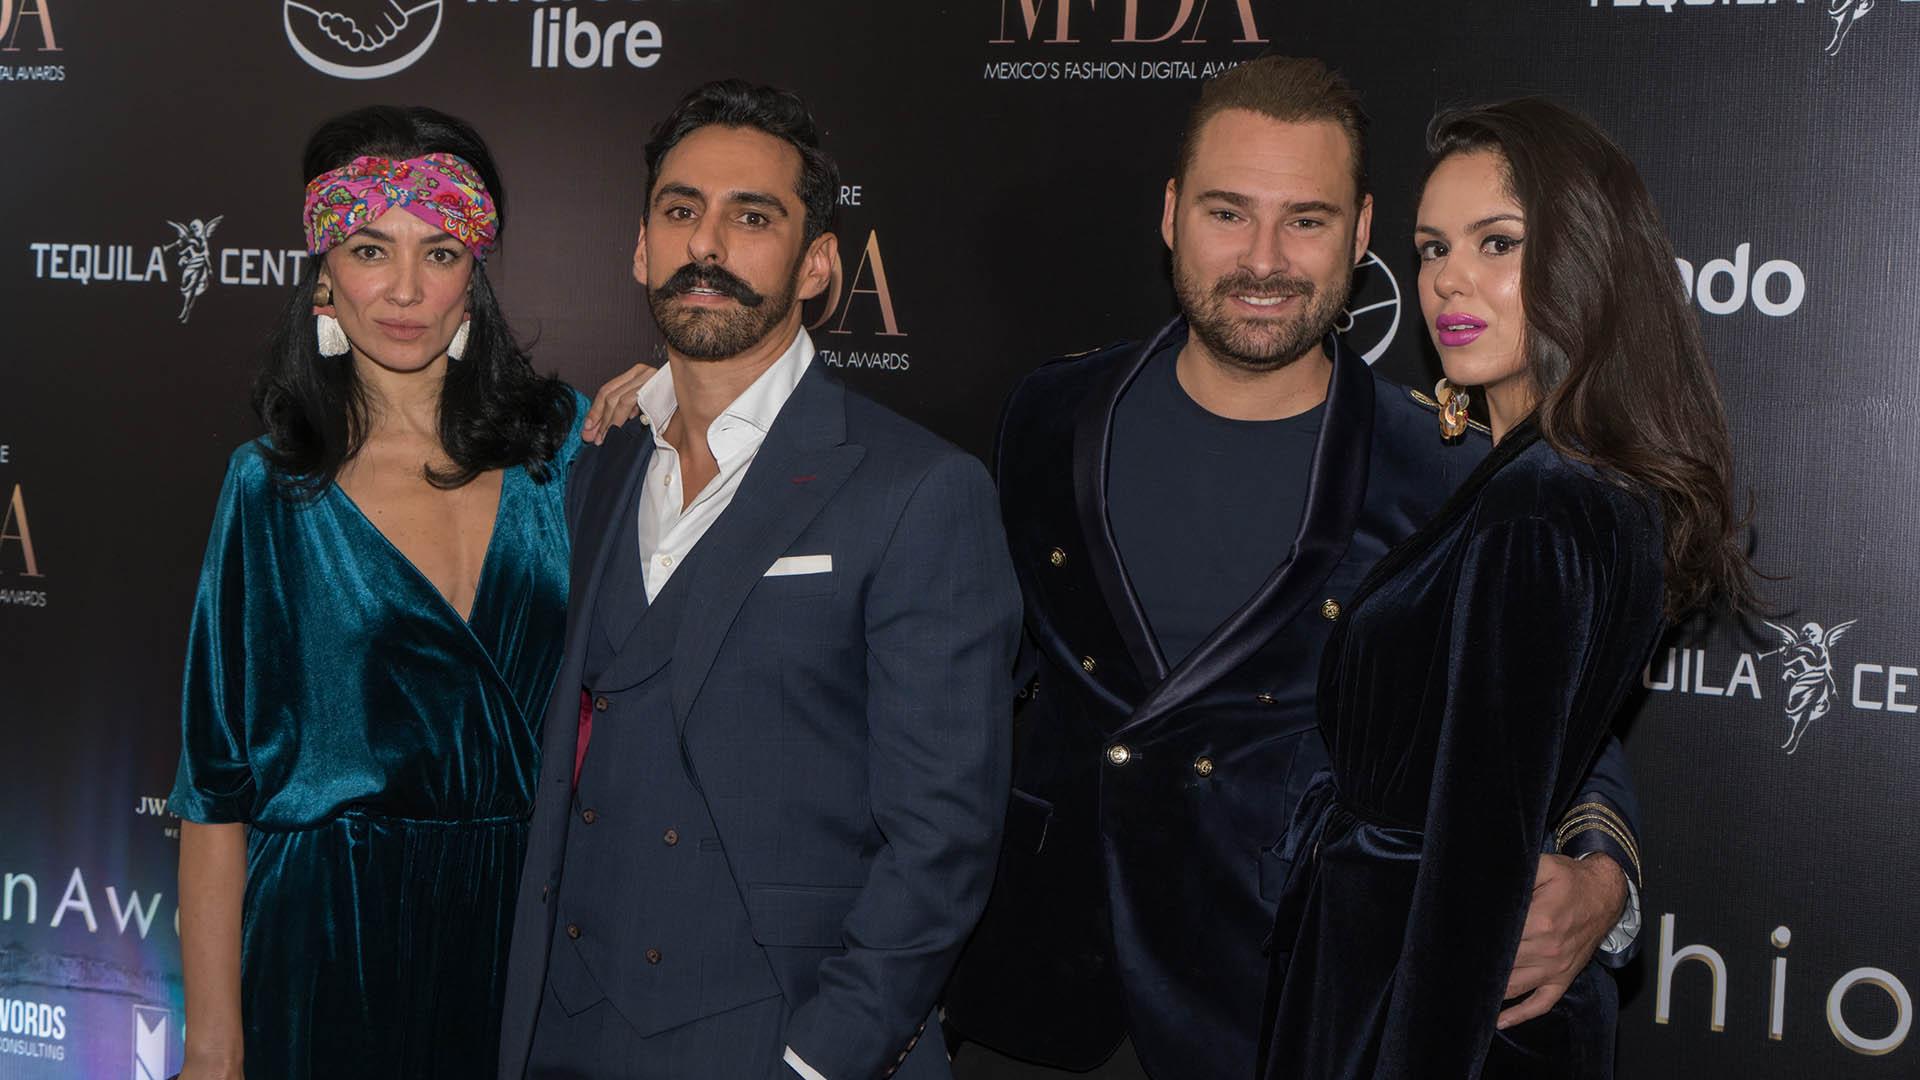 Los mejores looks de los #MFDA 2017 presentados por Mercado Libre